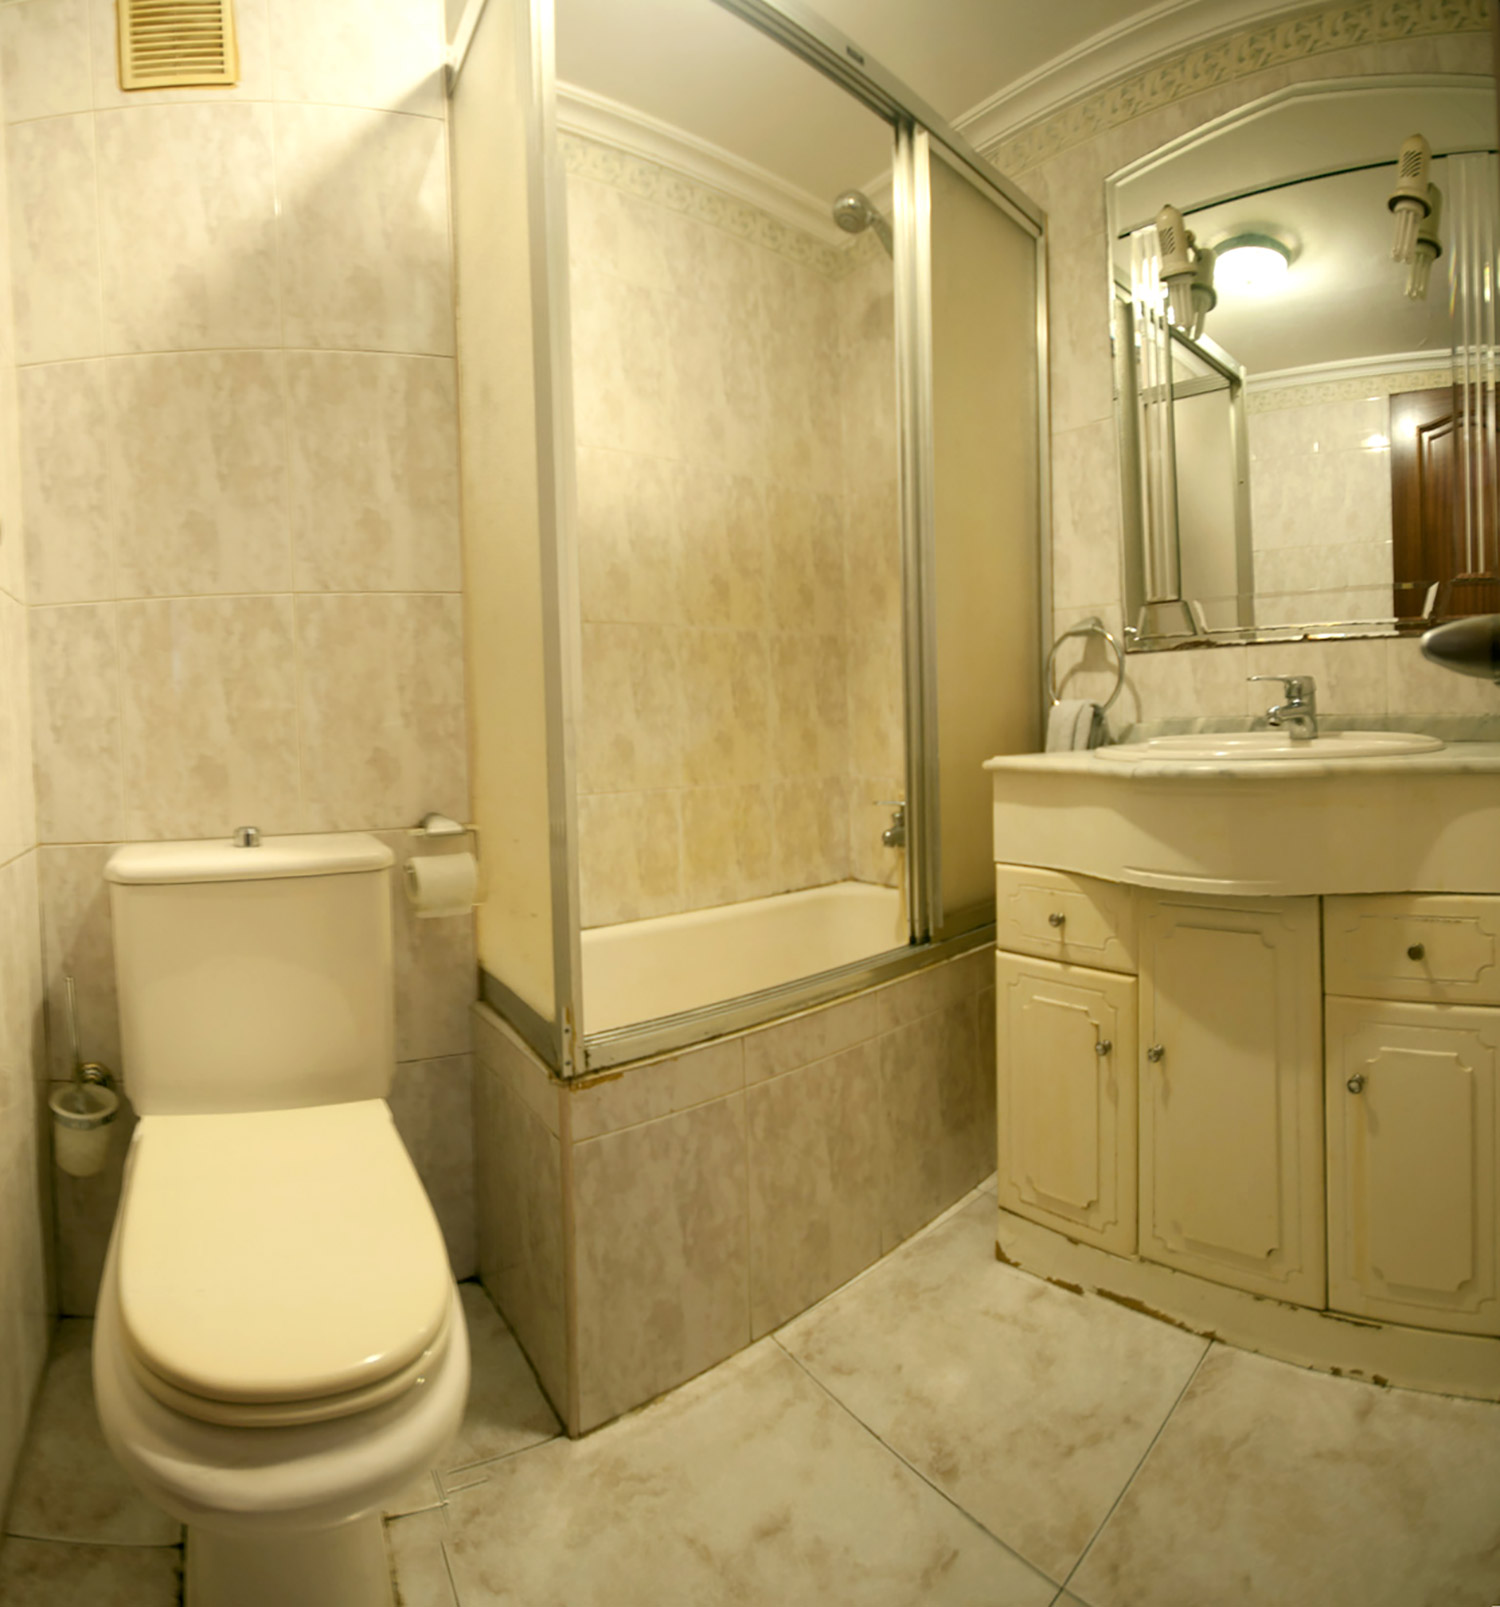 remplacement baignoire par une douche lezo 2 duchaya. Black Bedroom Furniture Sets. Home Design Ideas